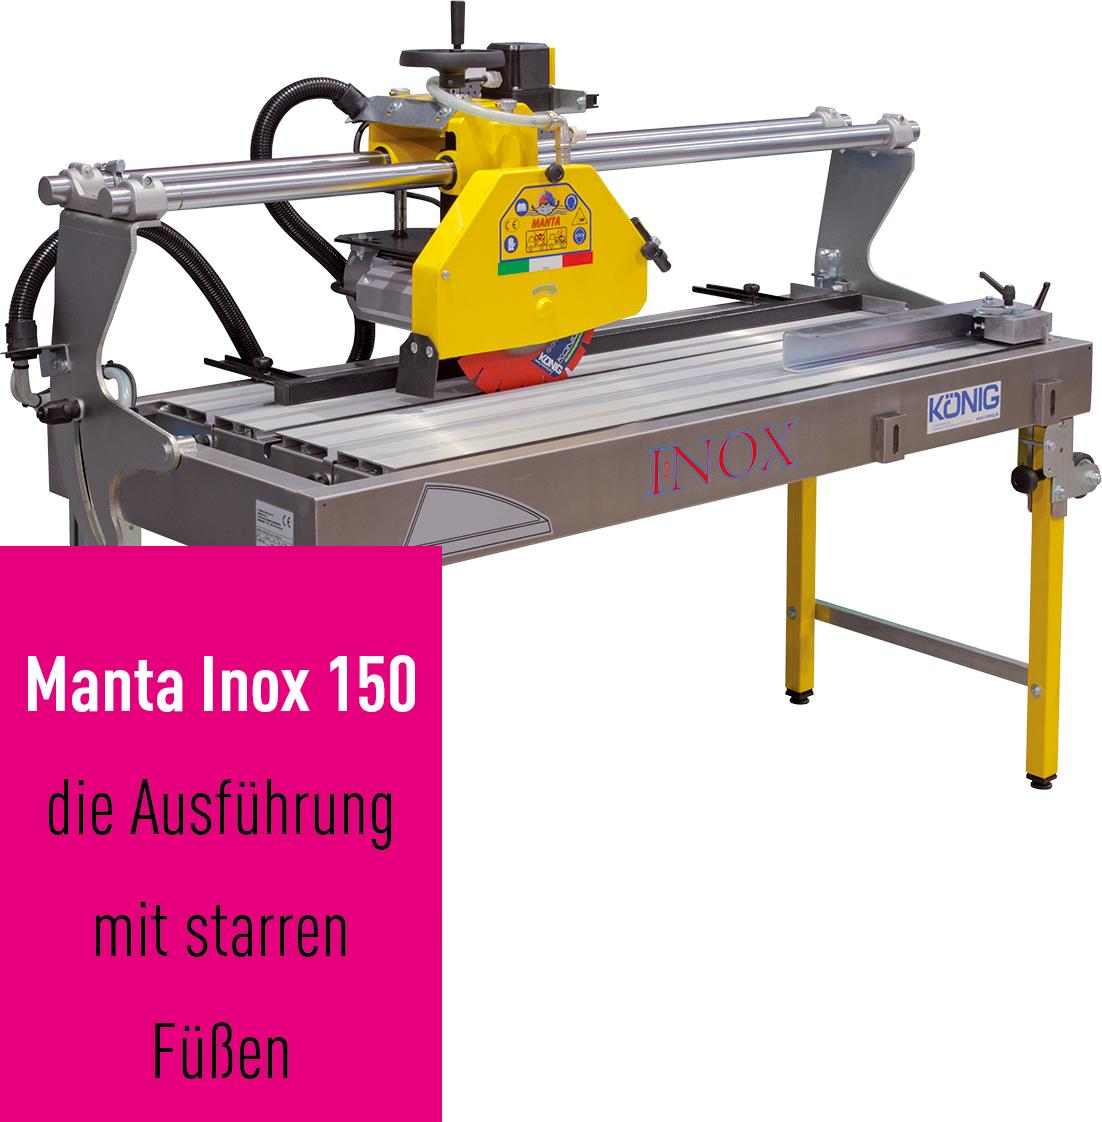 Baustellensäge MANTA INOX 150